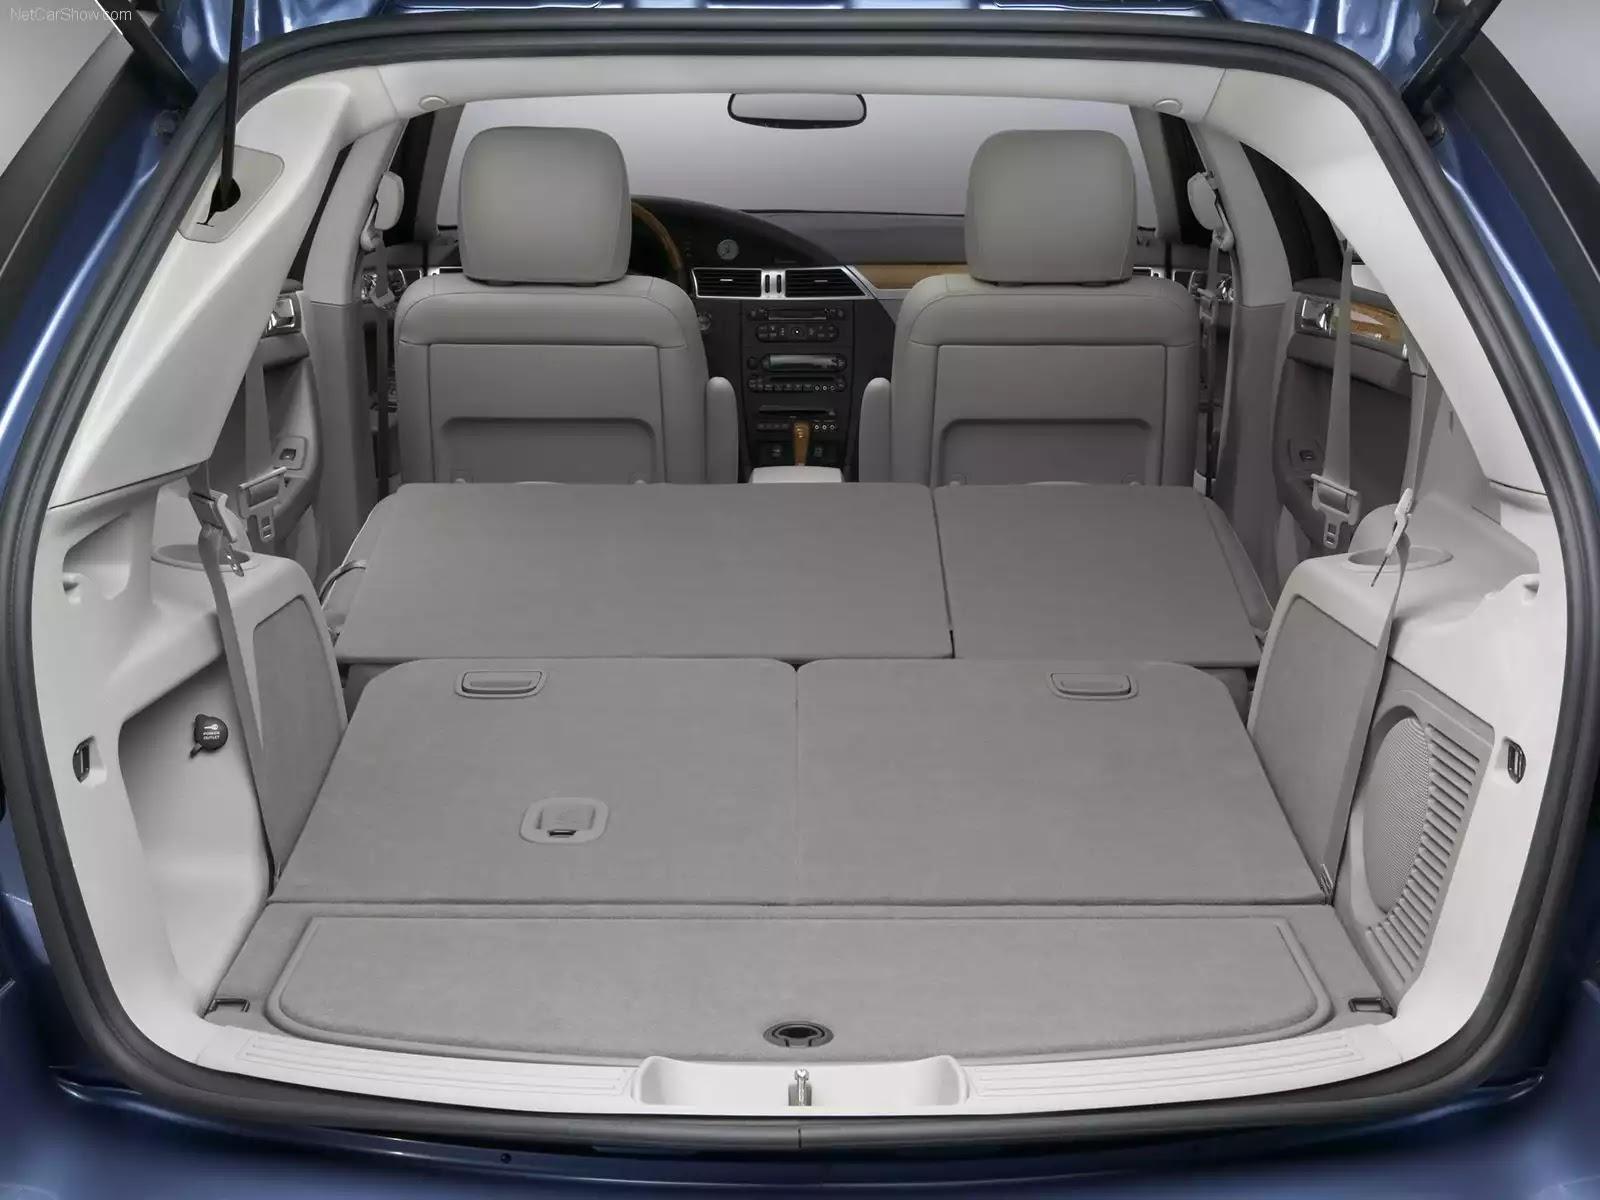 Hình ảnh xe ô tô Chrysler Pacifica 2007 & nội ngoại thất